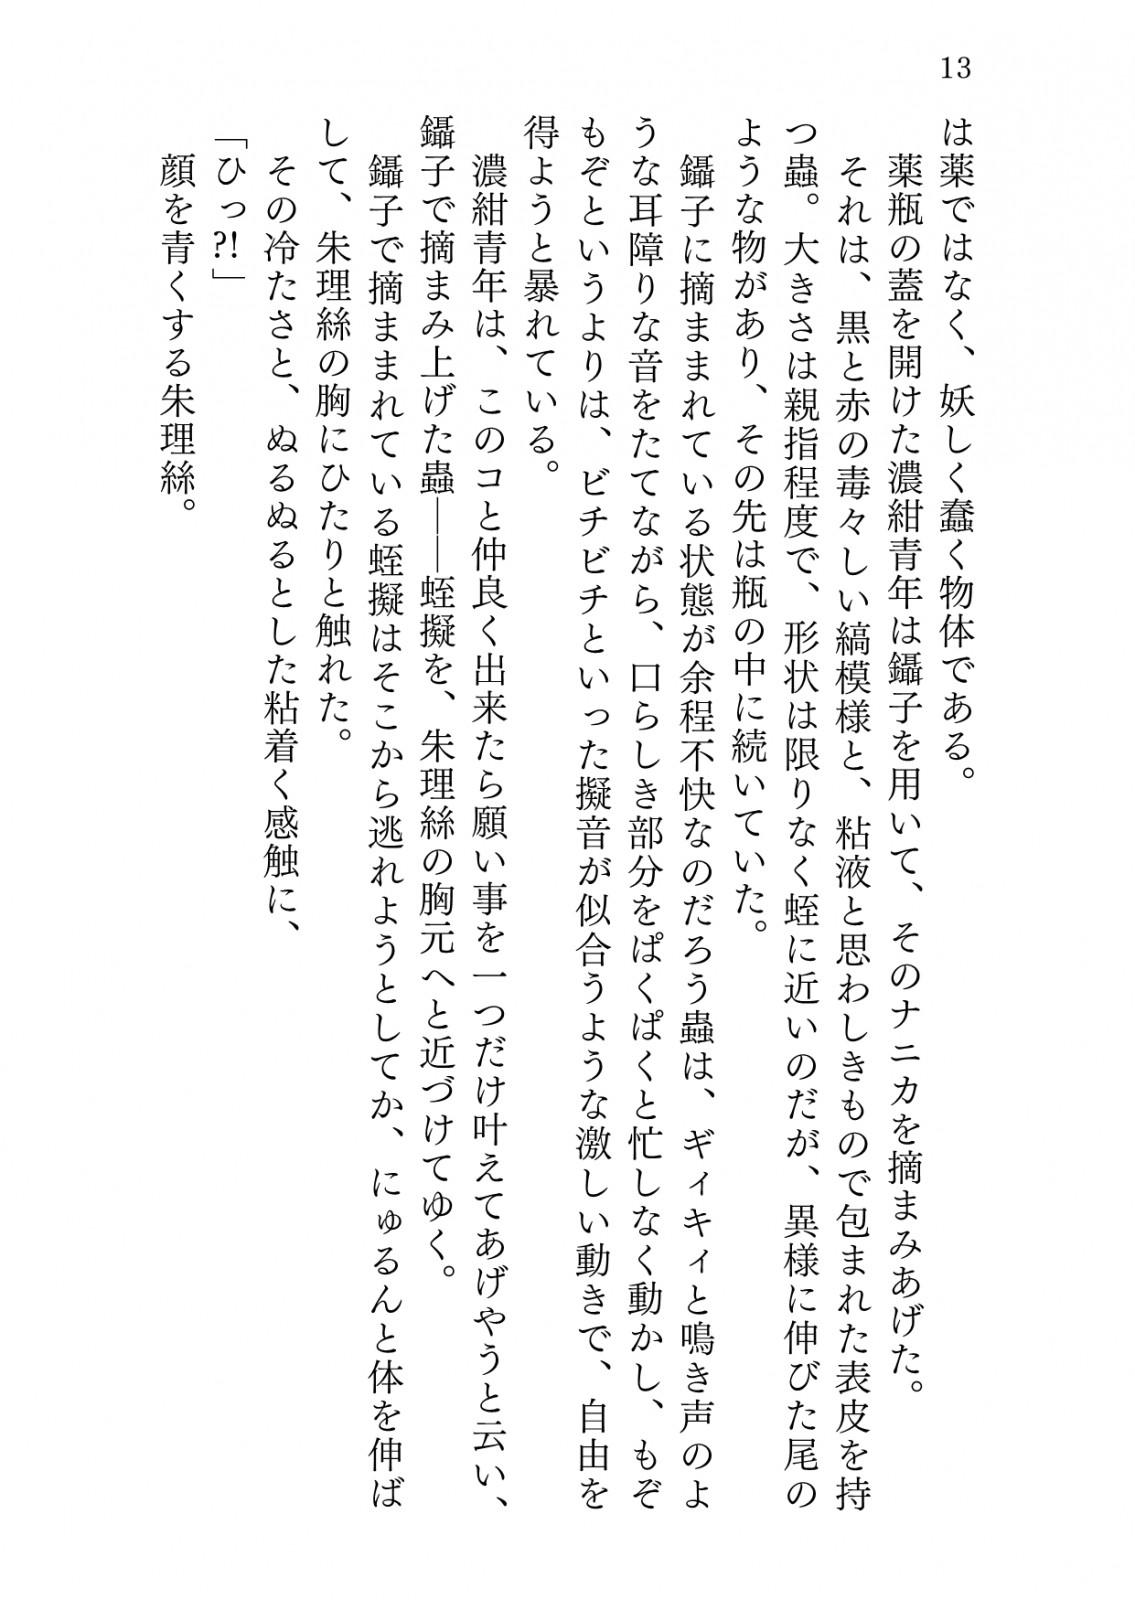 マナツニミルマヒルノユメのサンプル画像6